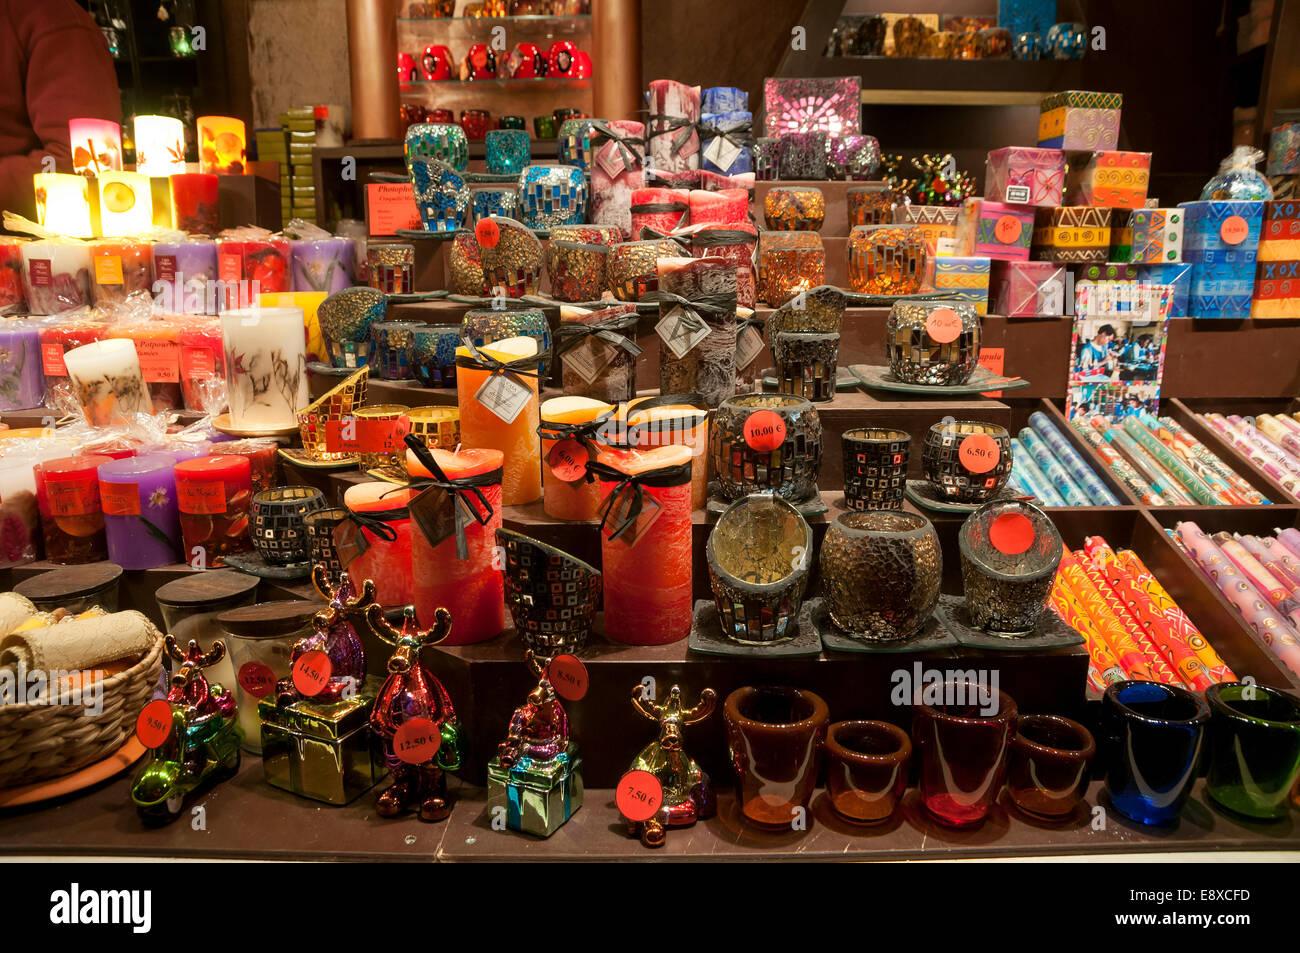 Candele al mercatino di Natale a Parigi Immagini Stock